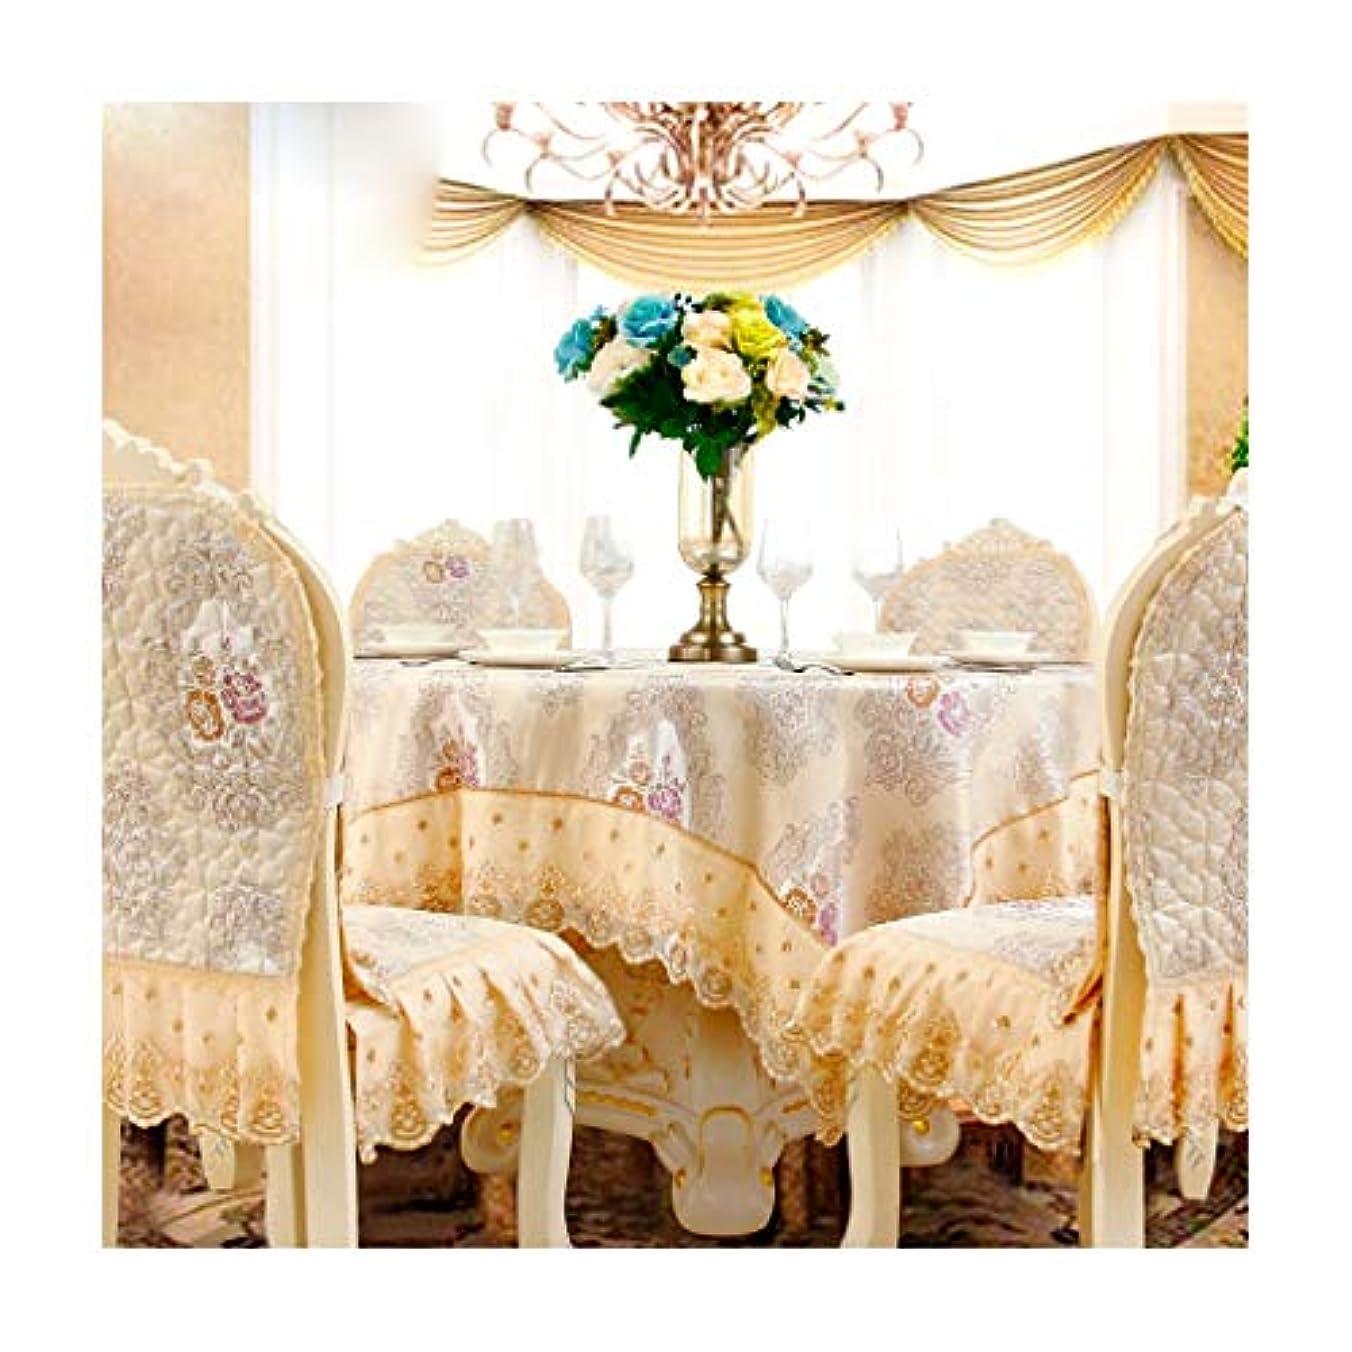 巻き戻す兵隊キリストテーブルクロス ヨーロッパのジャカード生地のテーブルクロス、椅子カバー、円形の楕円形のテーブルの装飾((2色)) (Color : Beige, Size : 200*200cm)